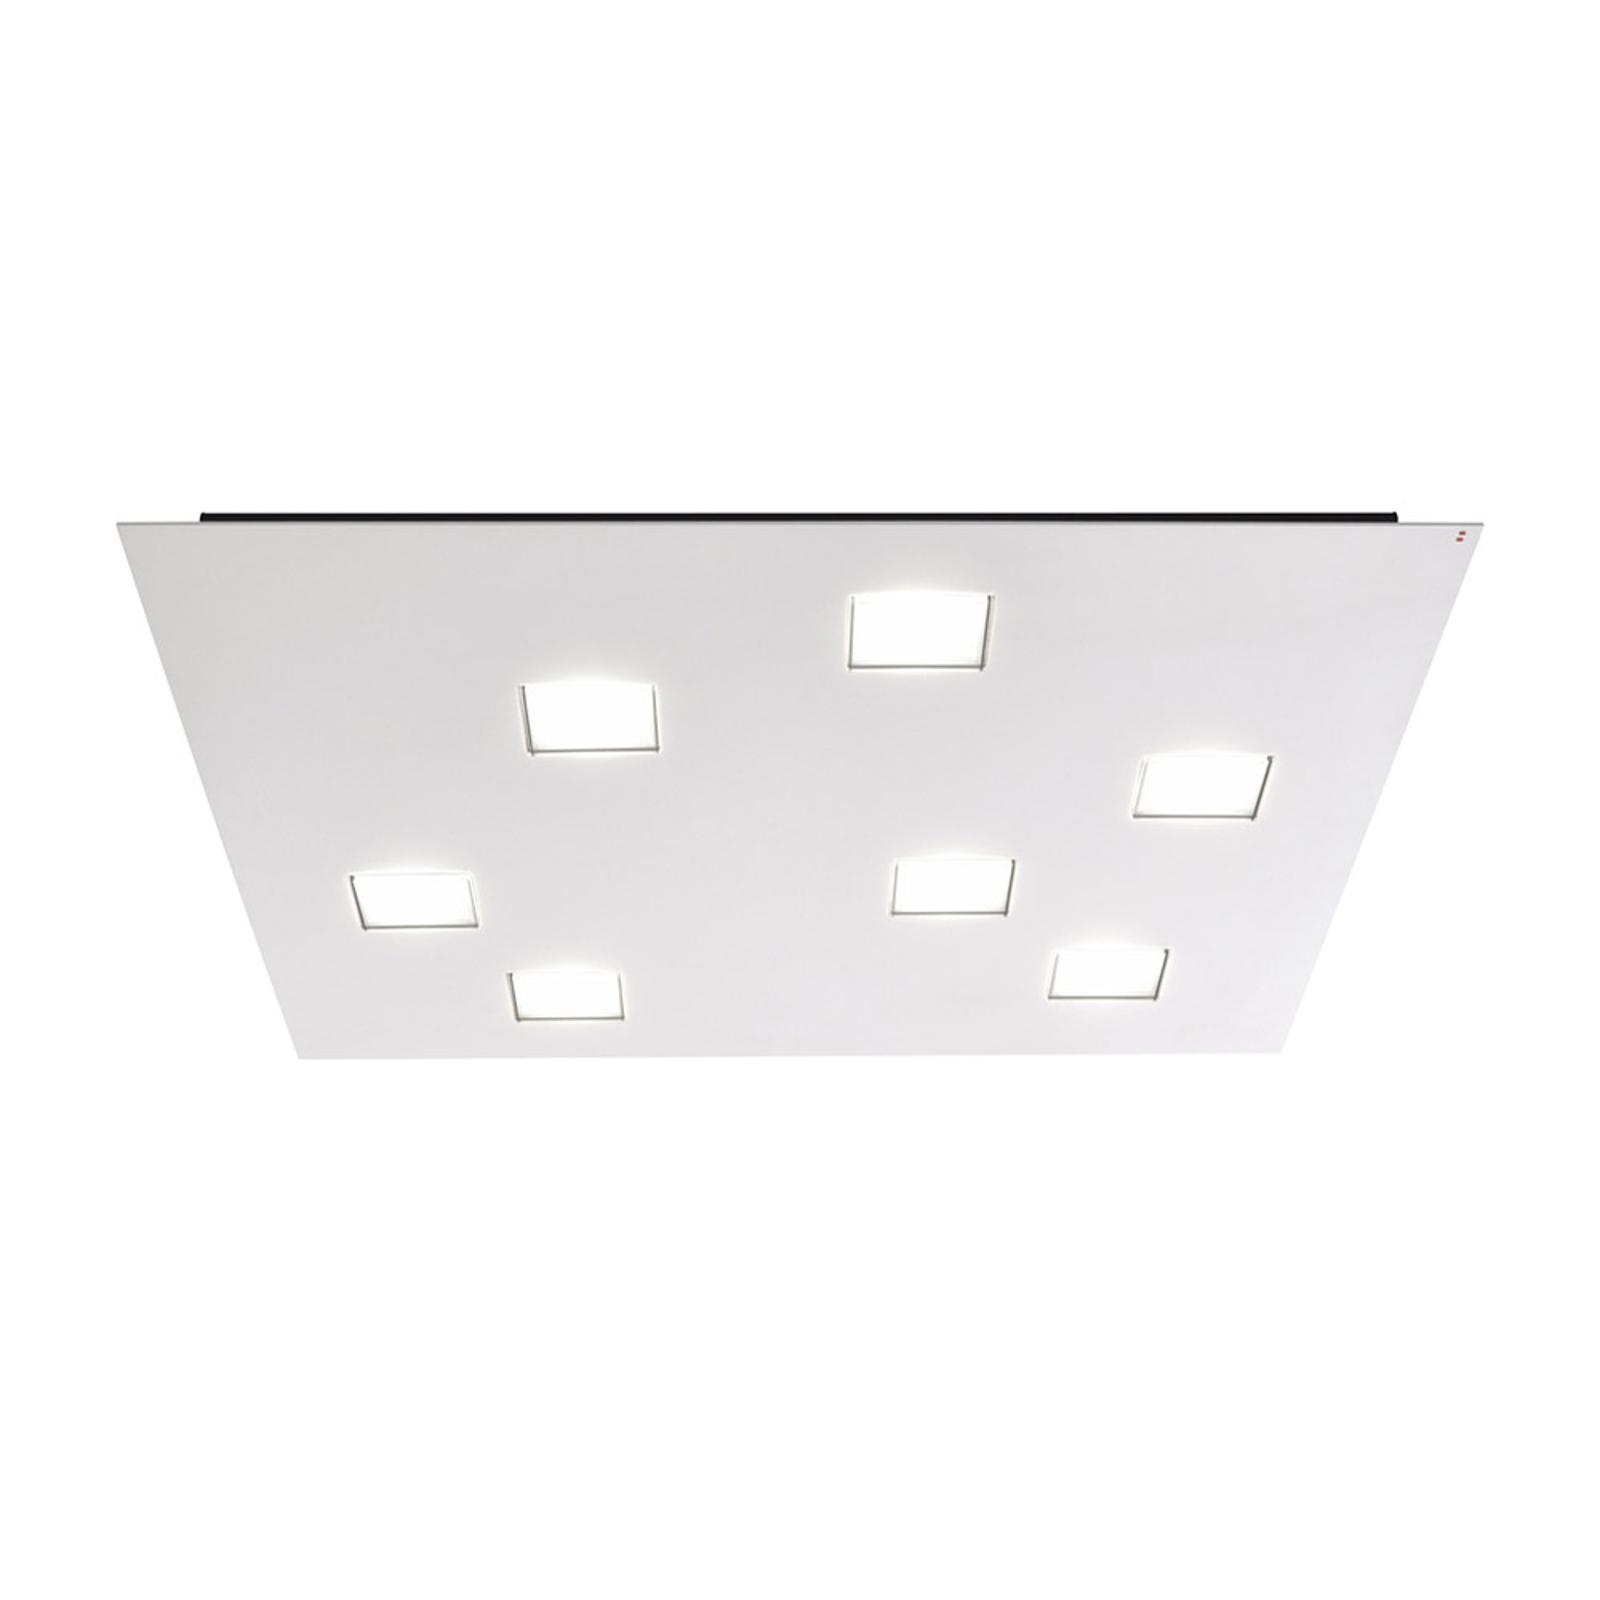 Lampa sufitowa LED Quarter, mocne światło, biała